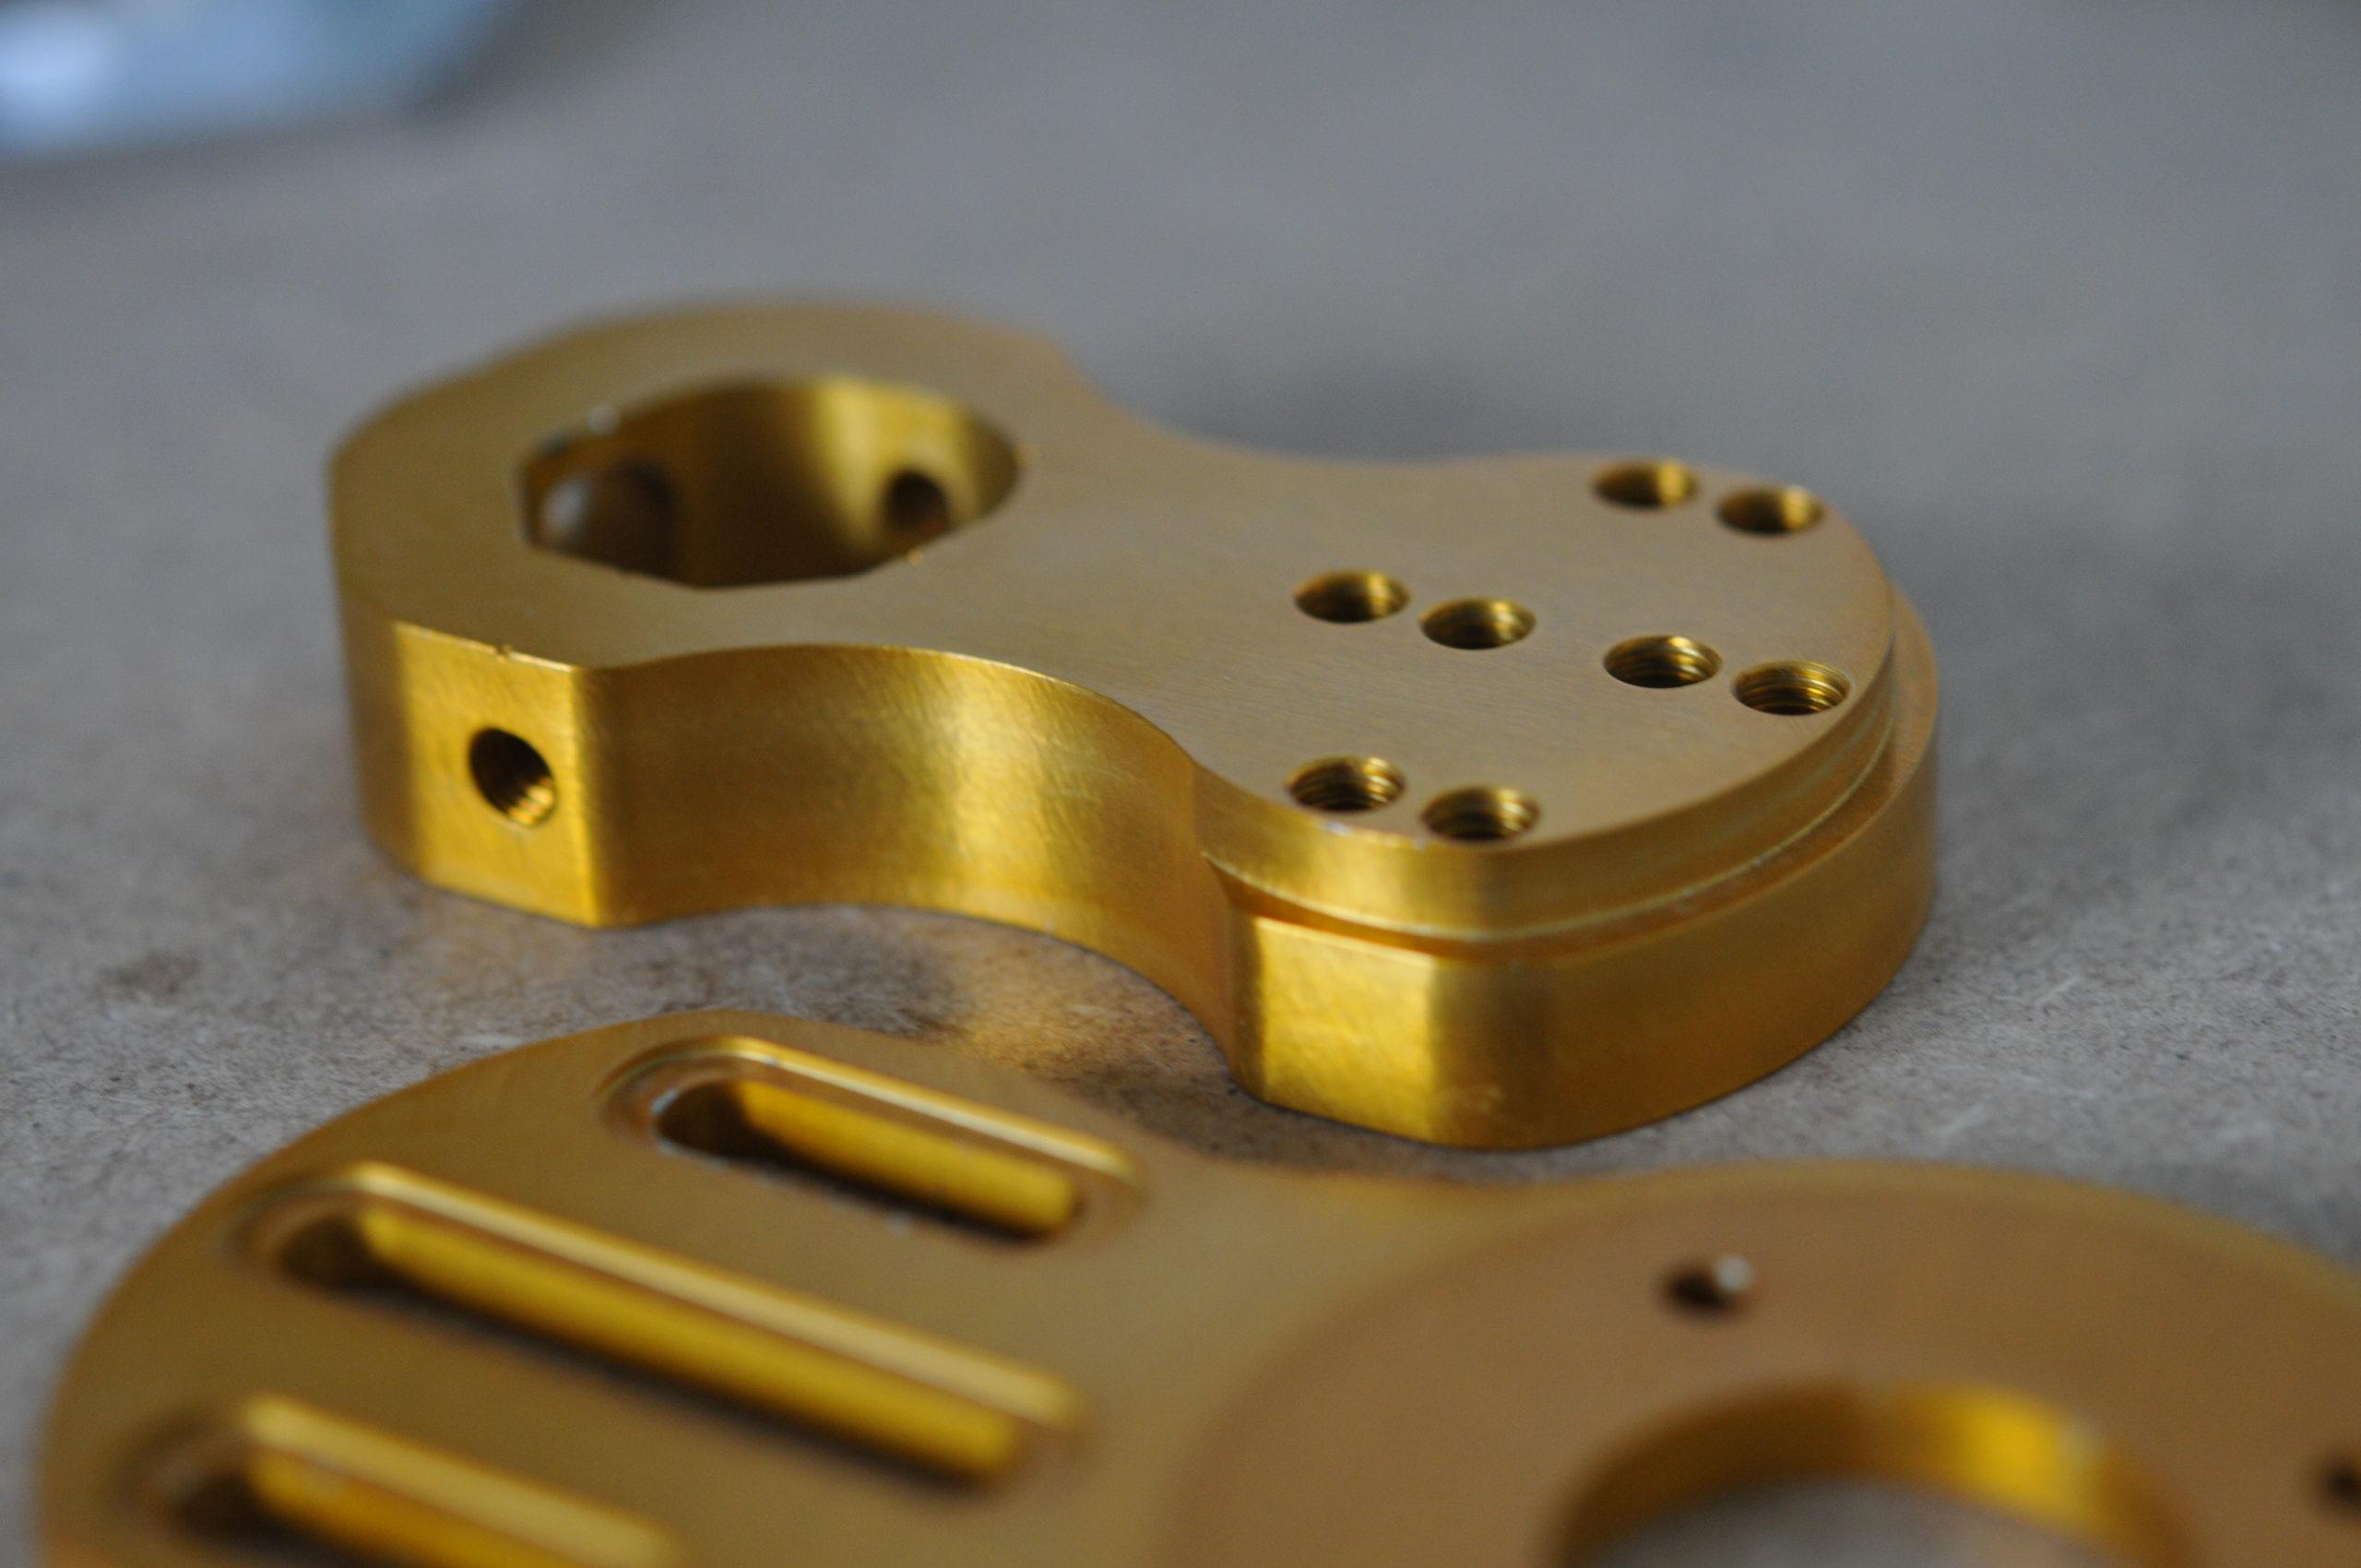 Overion Support moteur / Motor mount